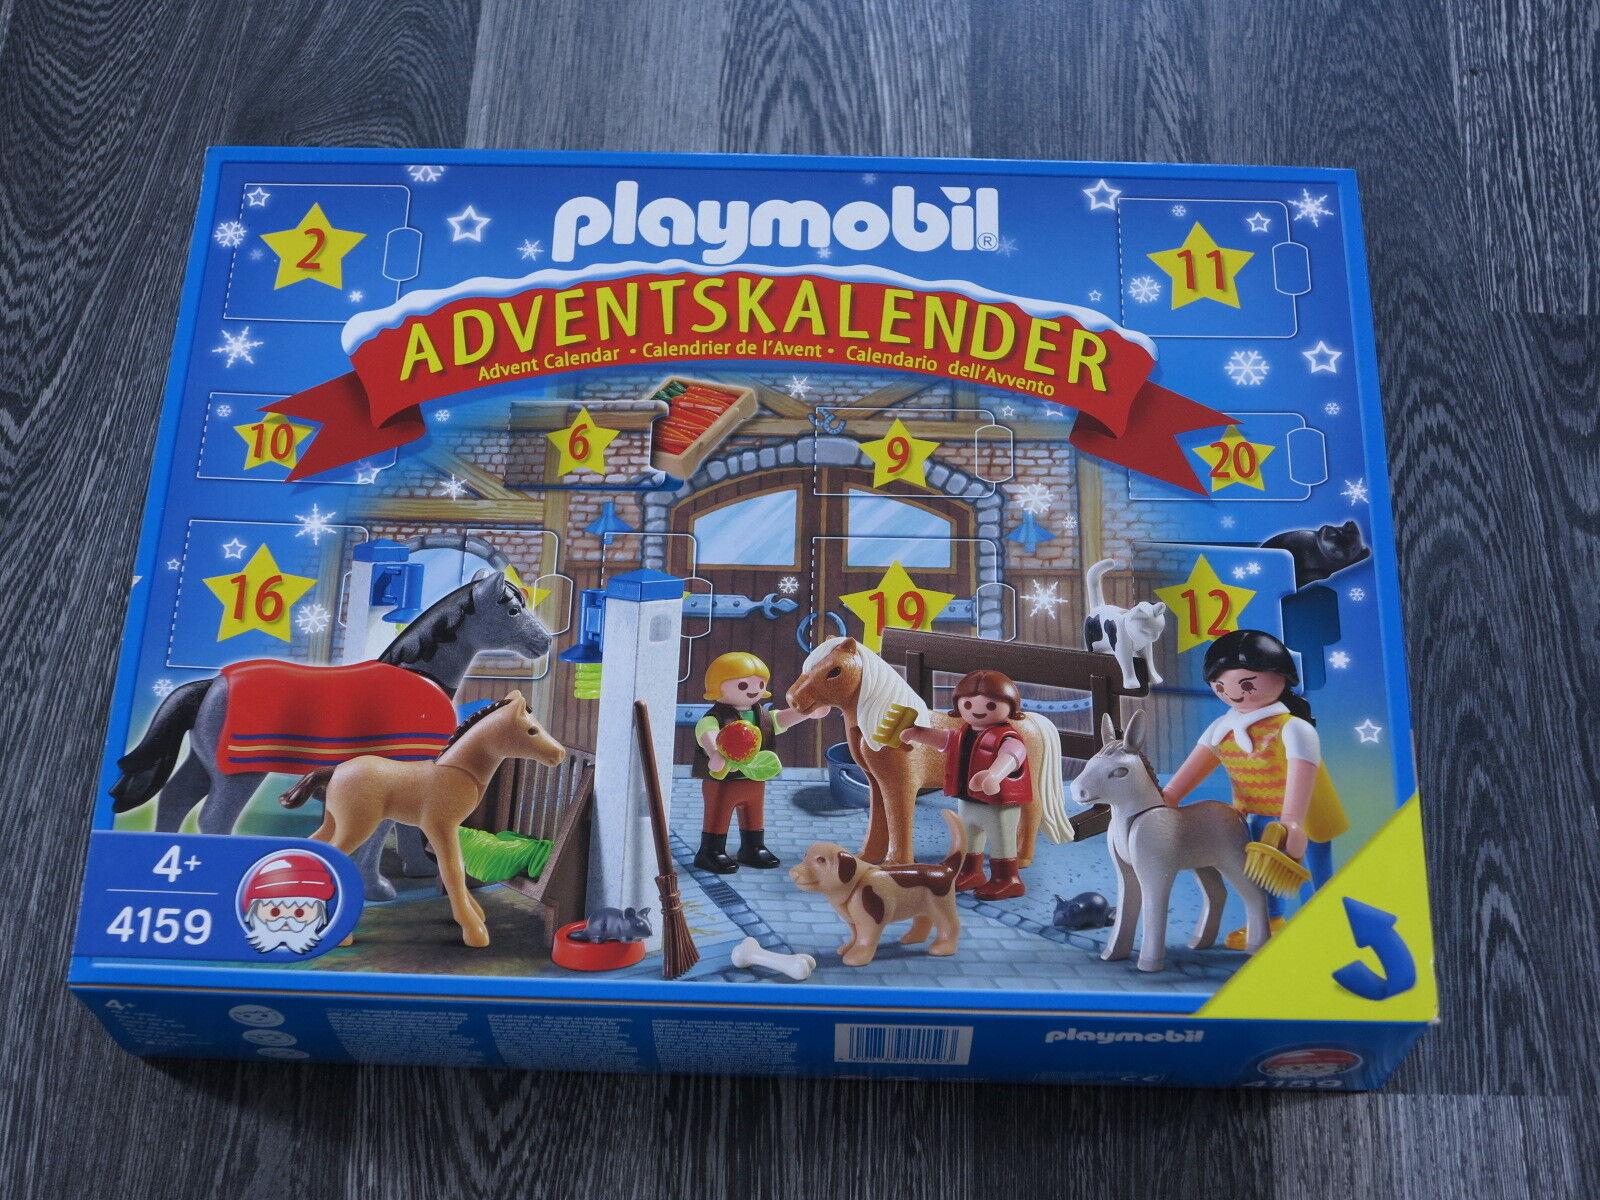 PLAYMOBIL Advent Calendario  4159 nuovo e nella confezione originale sigillata        RARI     acquista marca